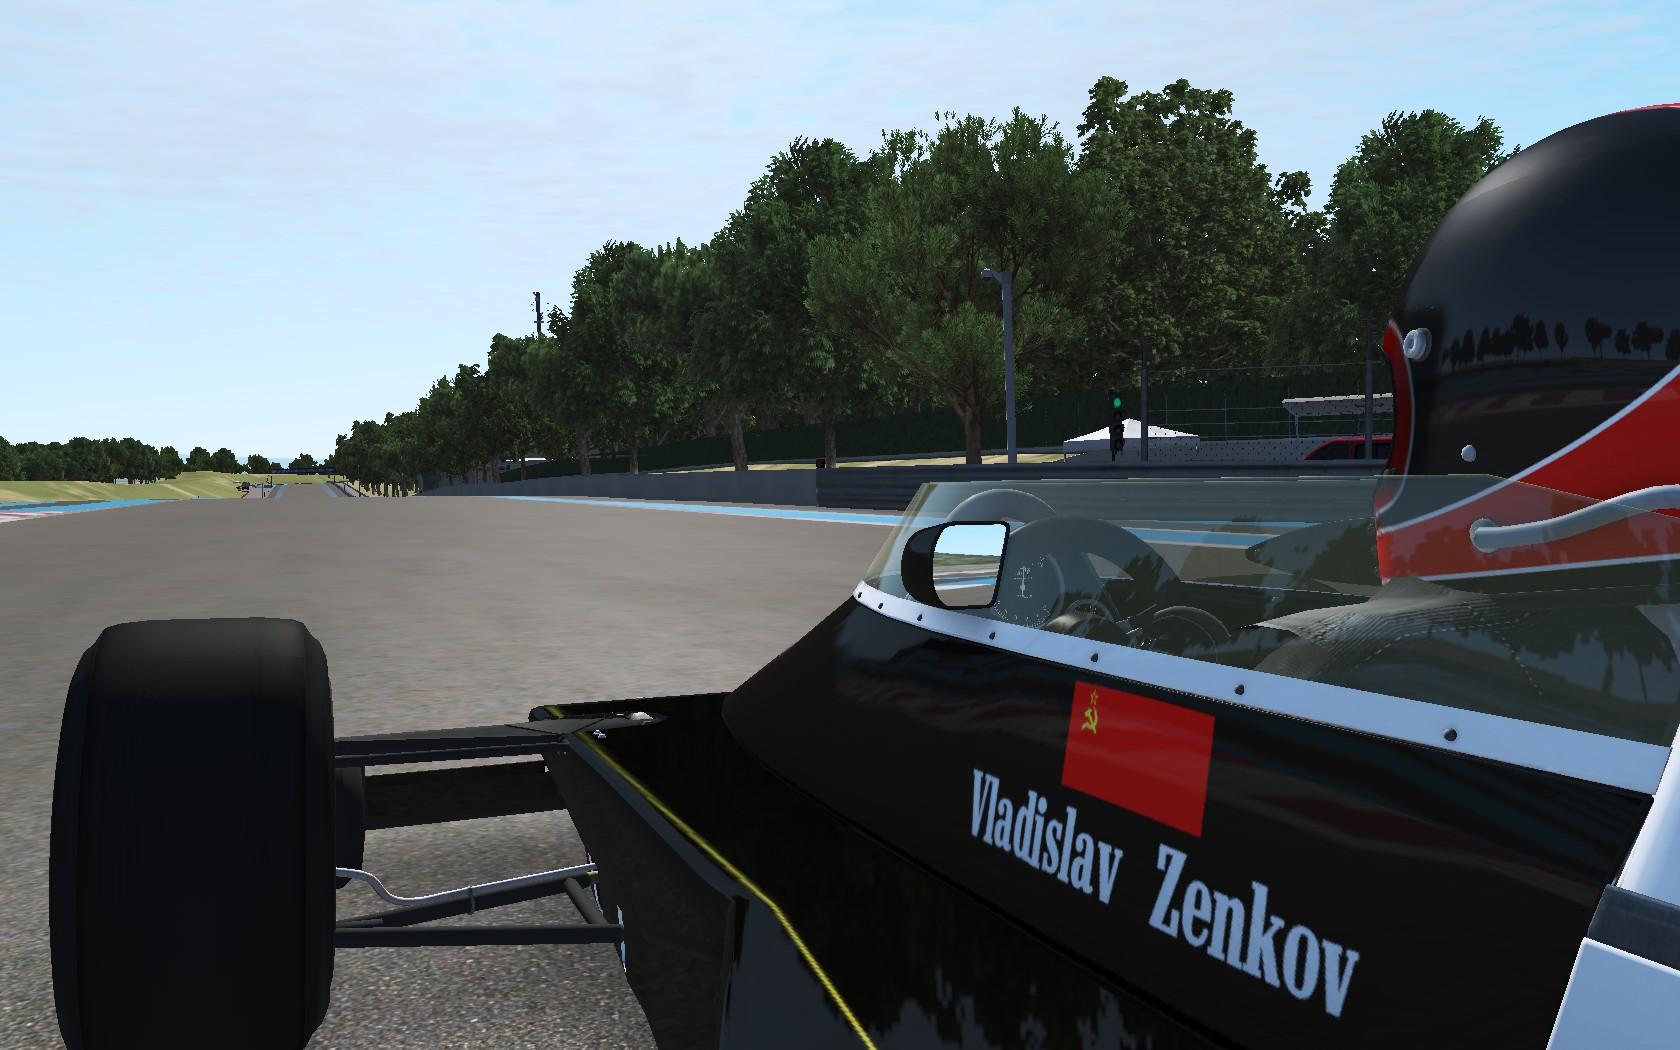 GP247 Speedweeks II - Grand Prix (March 21-April 4) Qcf4SkUWtug